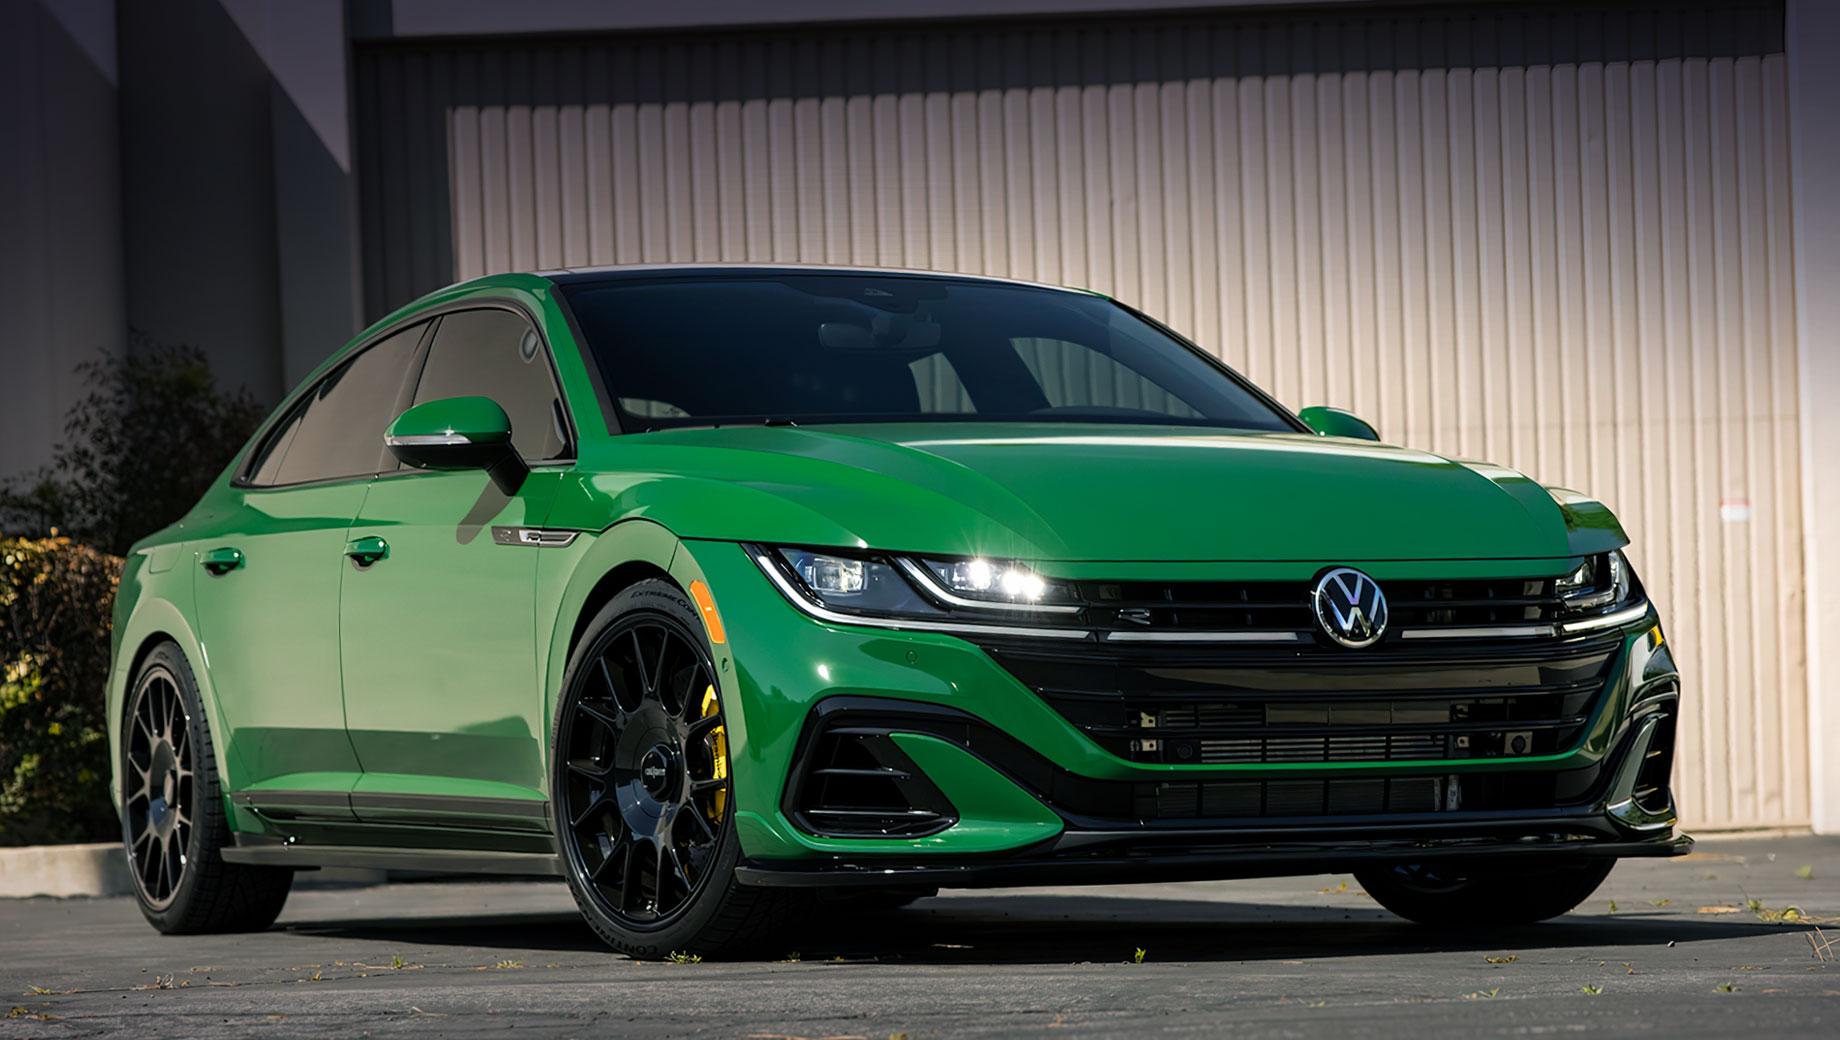 Volkswagen Arteon (см. видео) даже после модернизации не слишком популярен в Штатах: за прошлый год куплено всего 3 998 экземпляров, а за первый квартал 2021-го – 1 100. Чтобы подогреть интерес к модели, производитель подготовит шоу-кары при участии тюнеров: один уже представлен.